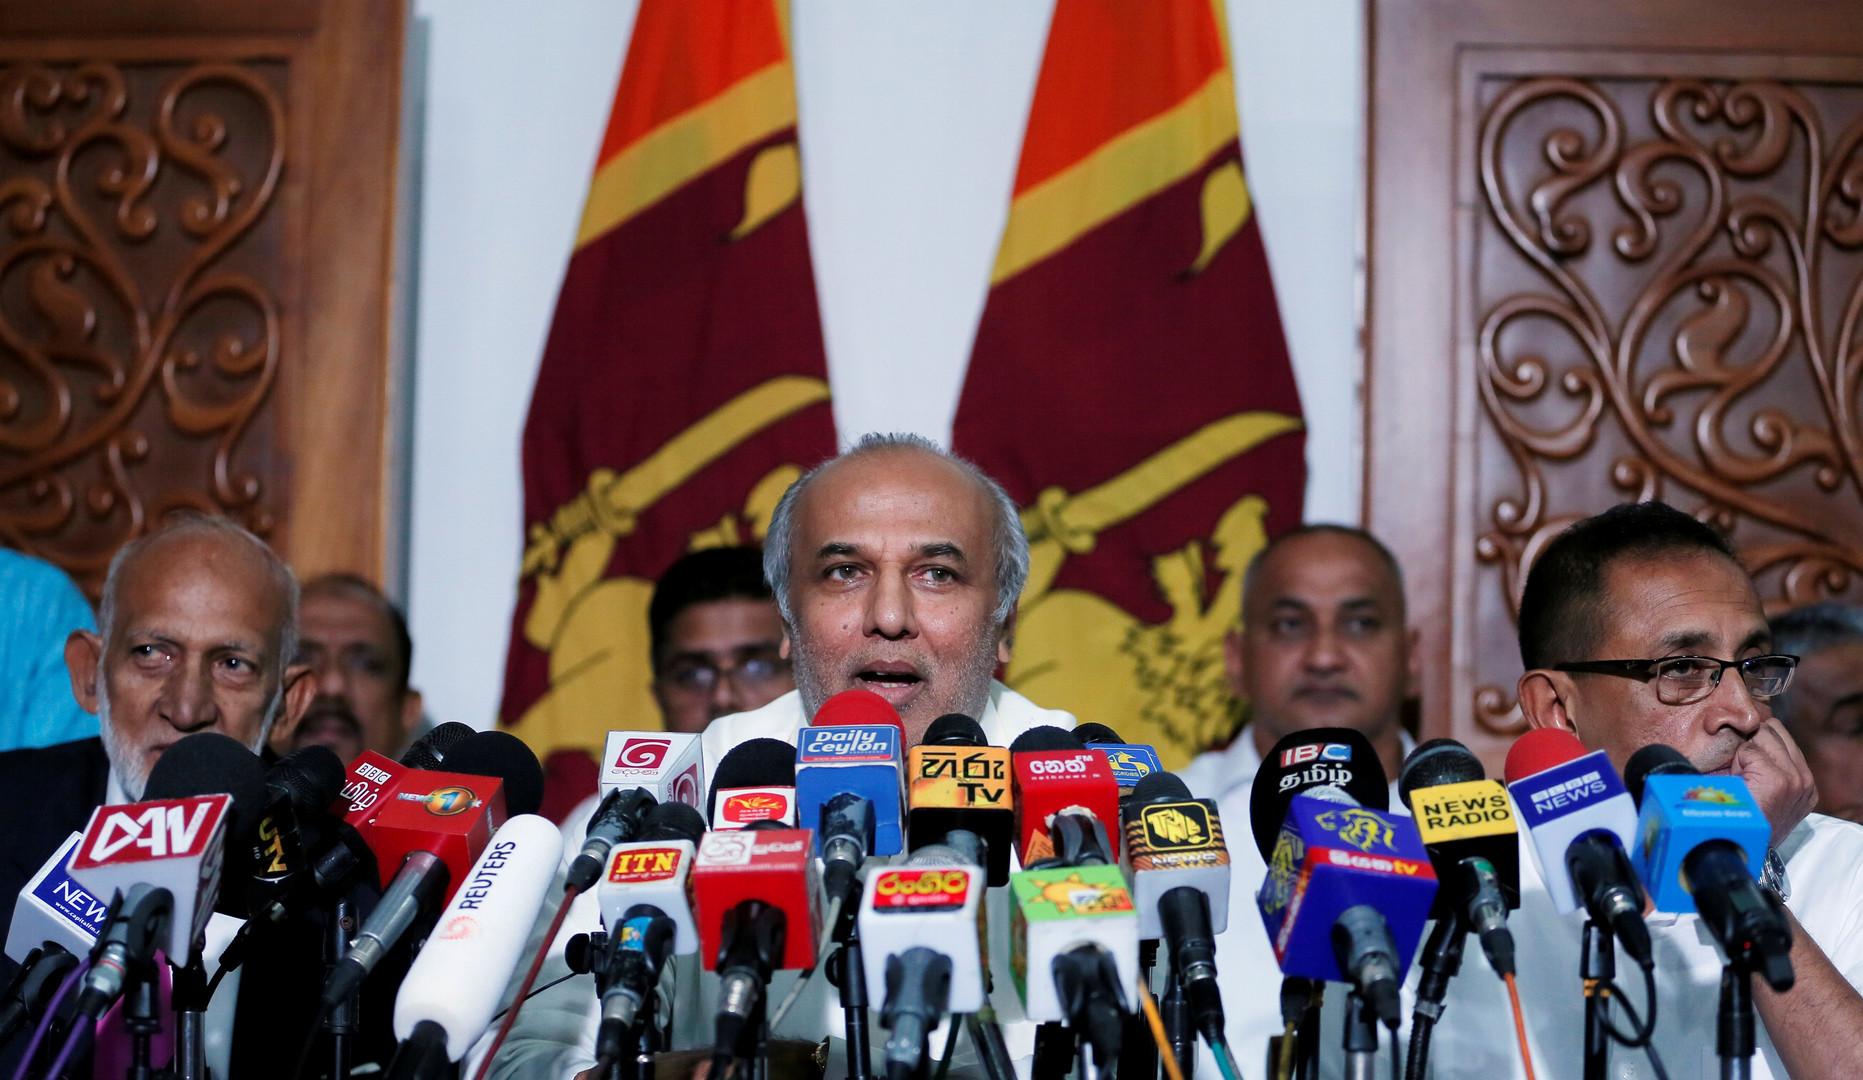 وزير الموارد المالية السريلانكي، رؤوف حكيم، يشرح أسباب استقالته ووزراء مسلمين آخرين في بيان صحفي